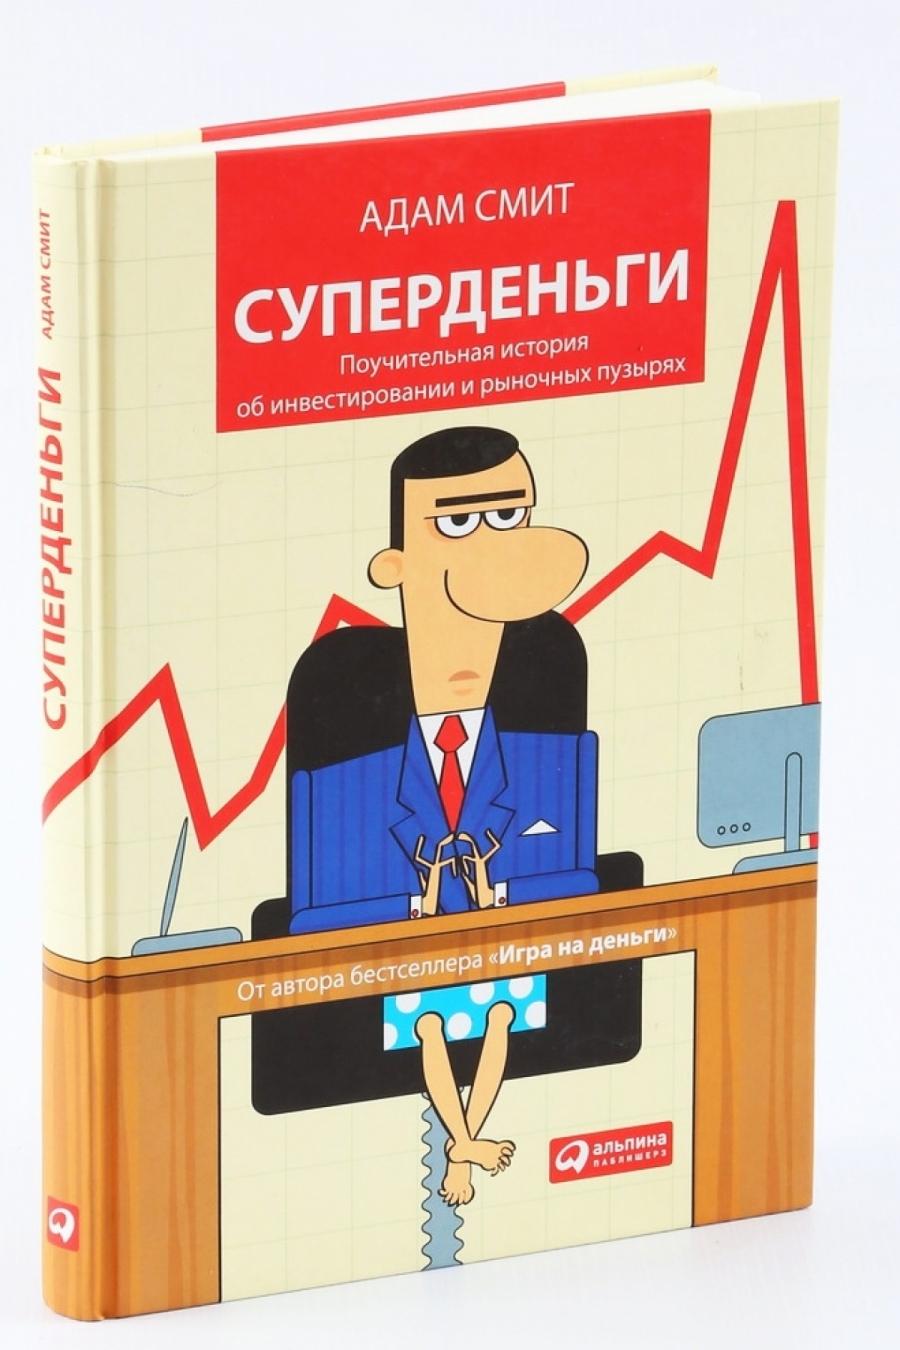 Обложка книги:  смит а. (джордж гудмен) - суперденьги. поучительная история об инвестировании и рыночных пузырях